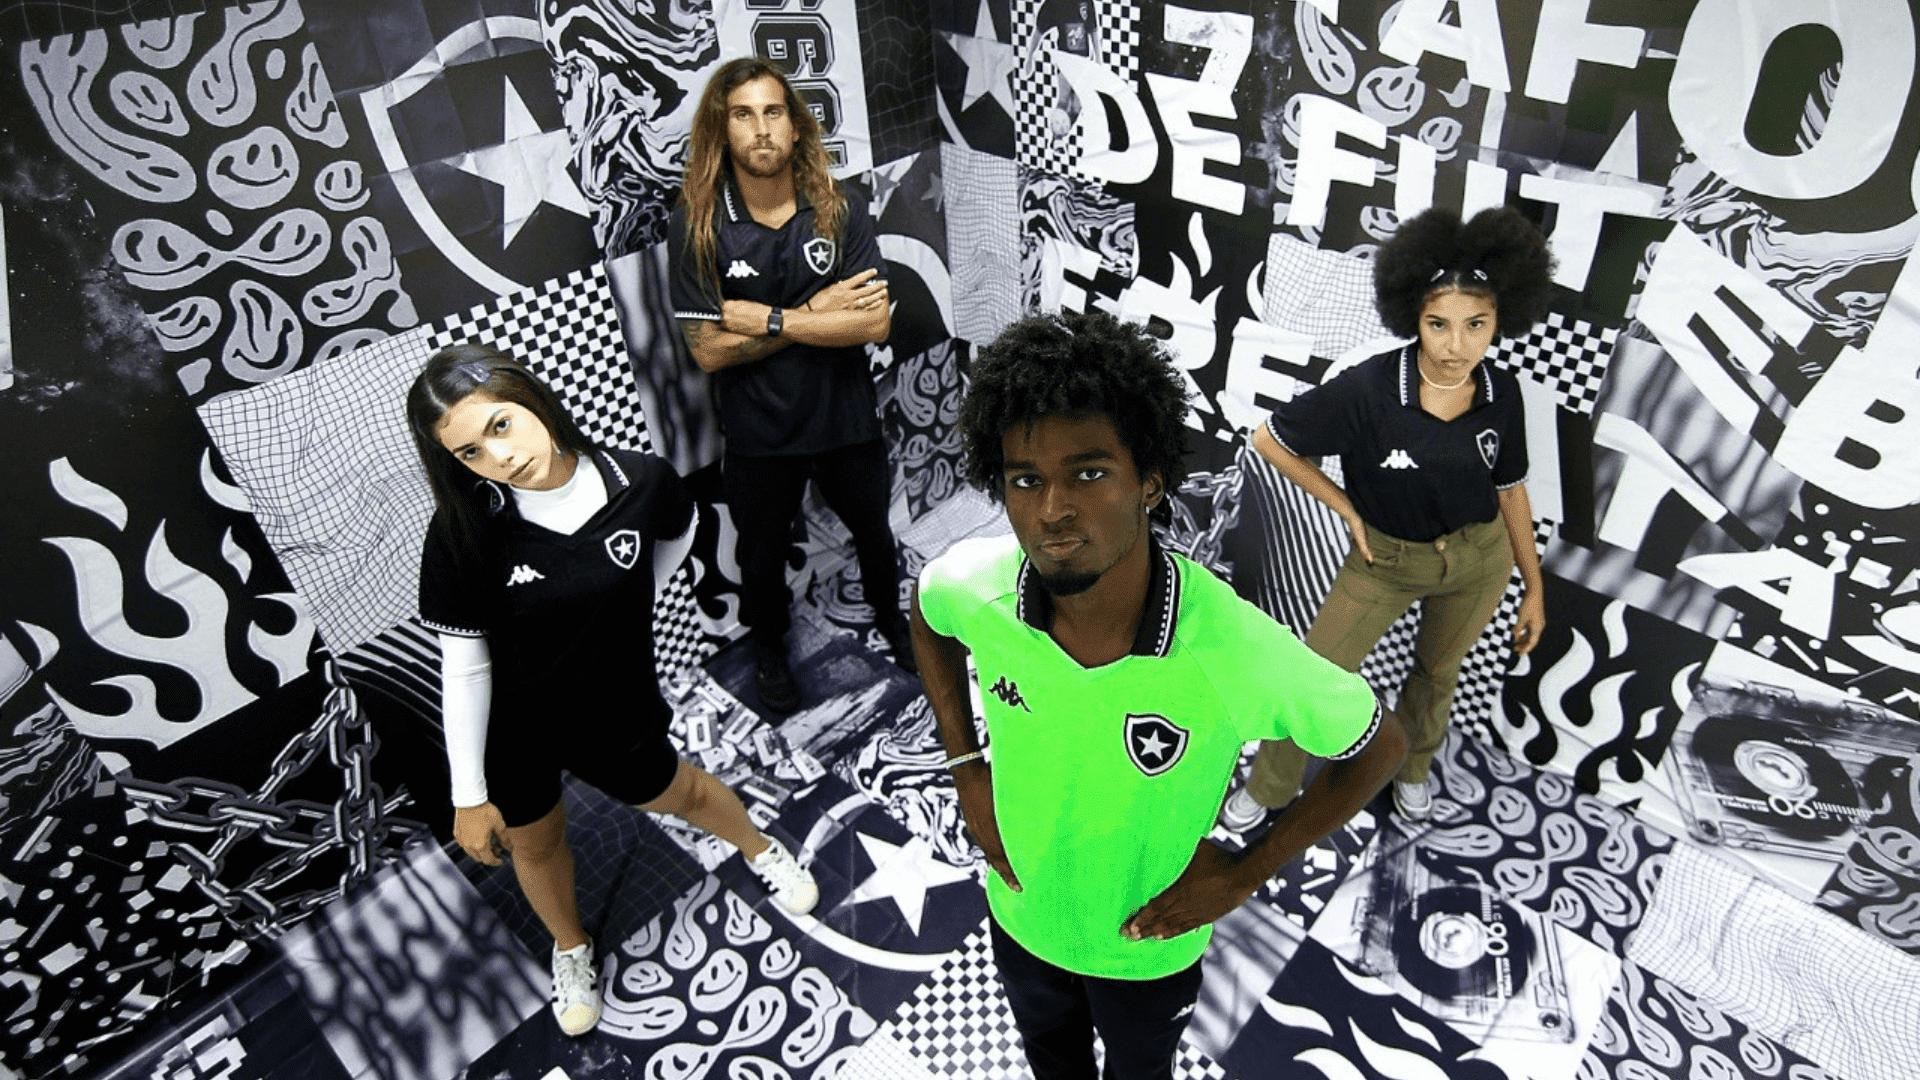 Conheça os modelos de camisa do Botafogo para comprar em 2021! (Imagem: Divulgação/Kappa)